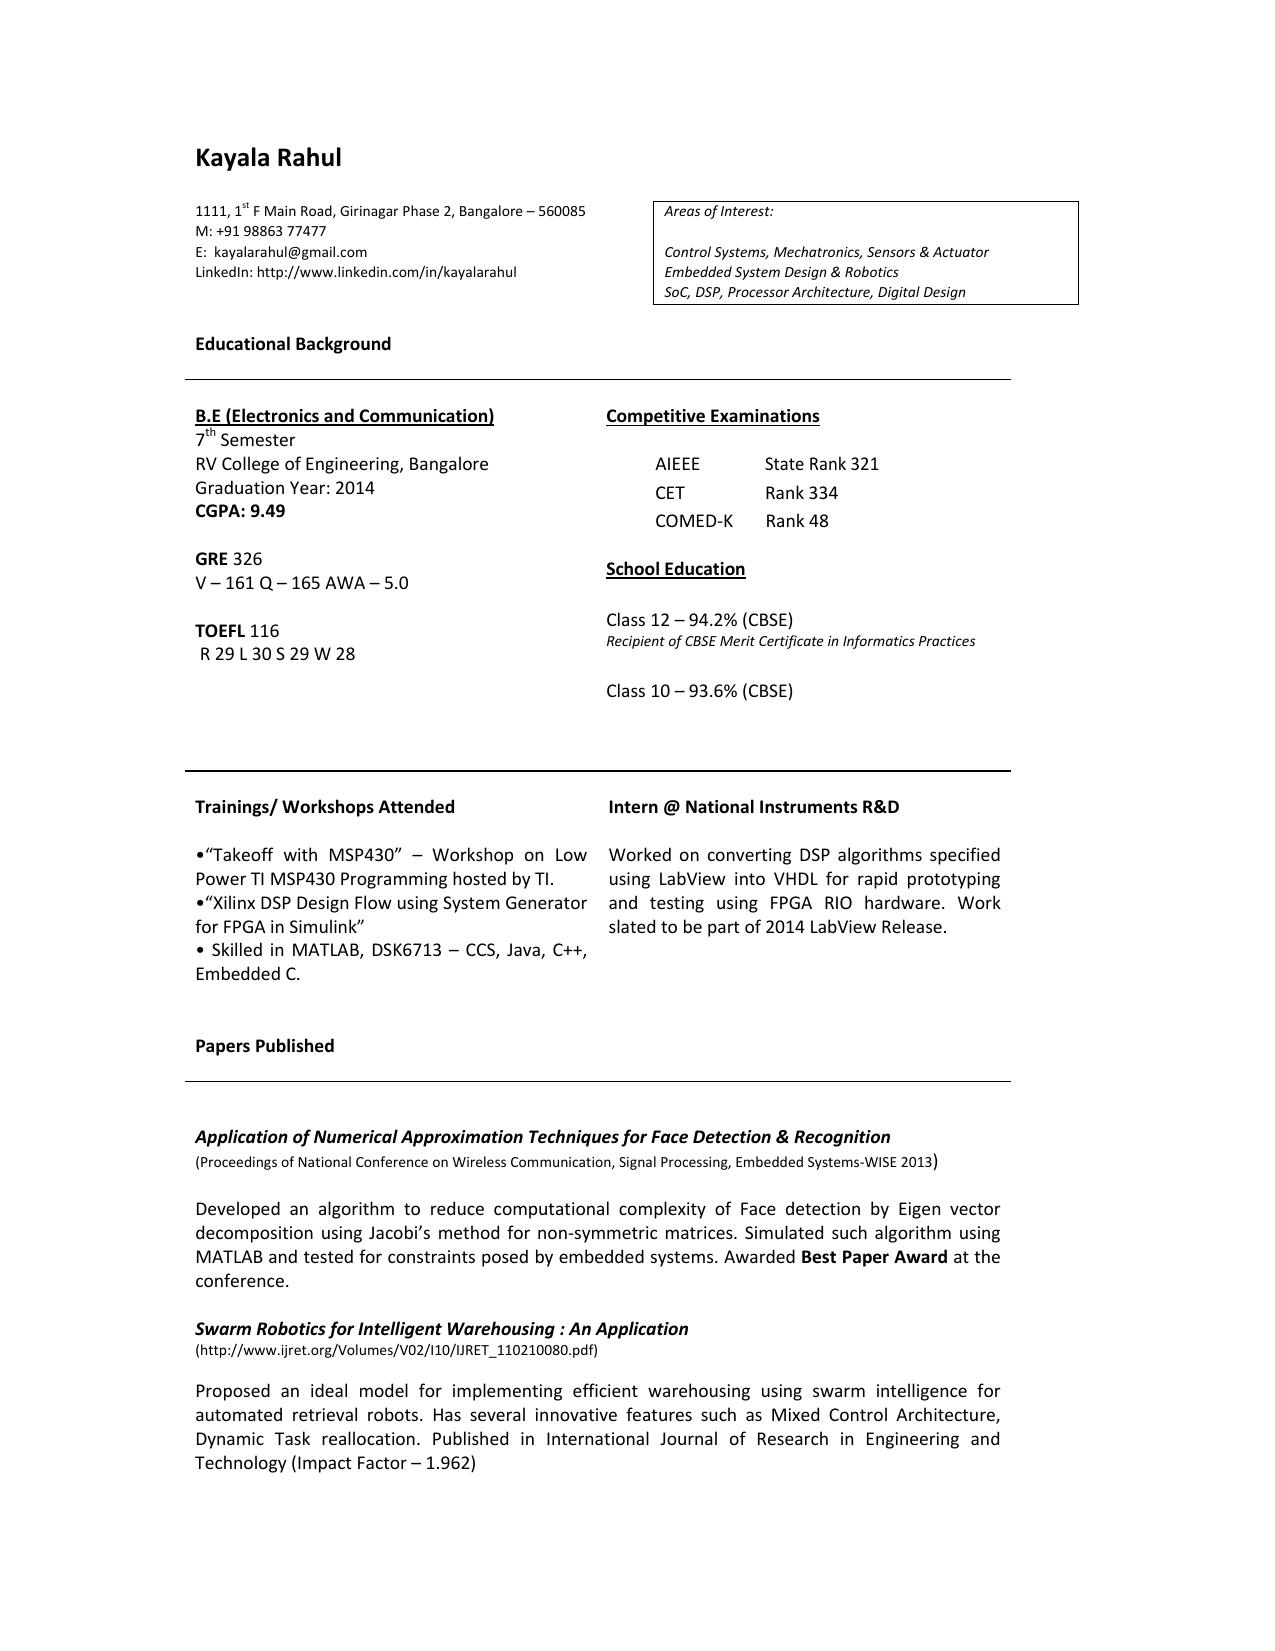 Resume - WordPress com